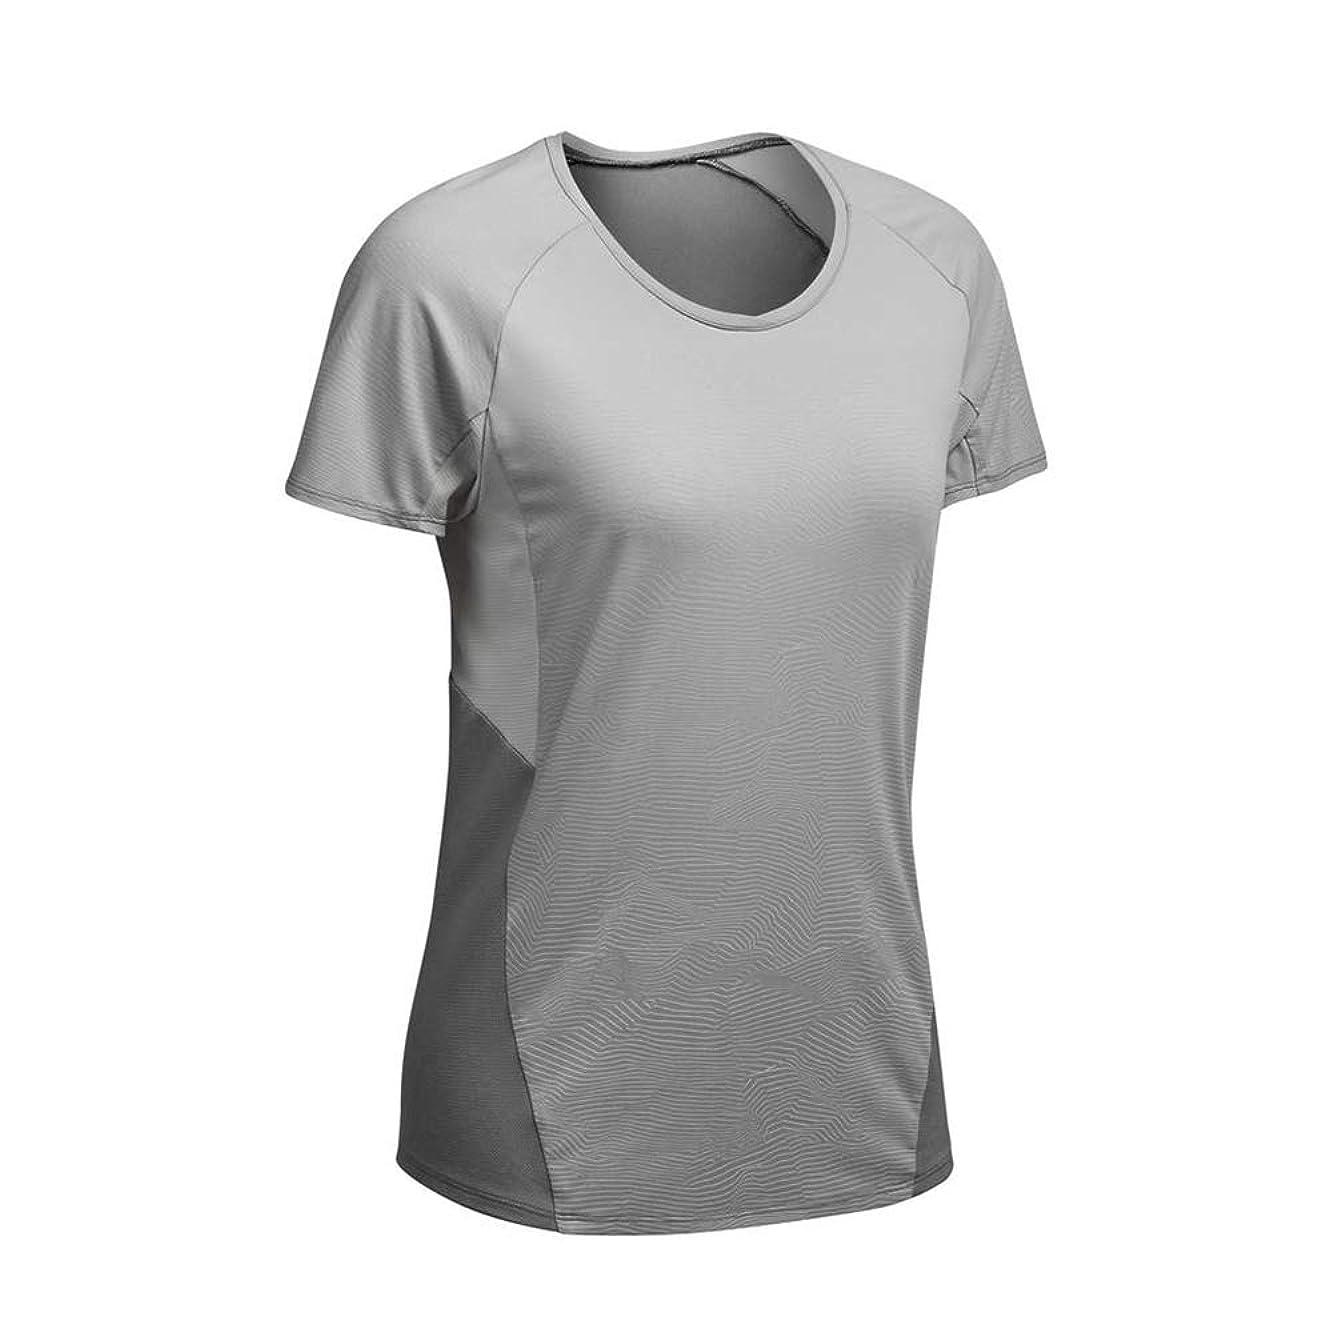 化学者桁些細なスポーツ速乾性のあるTシャツヨガ服フィットネス服女性スポーツトップス